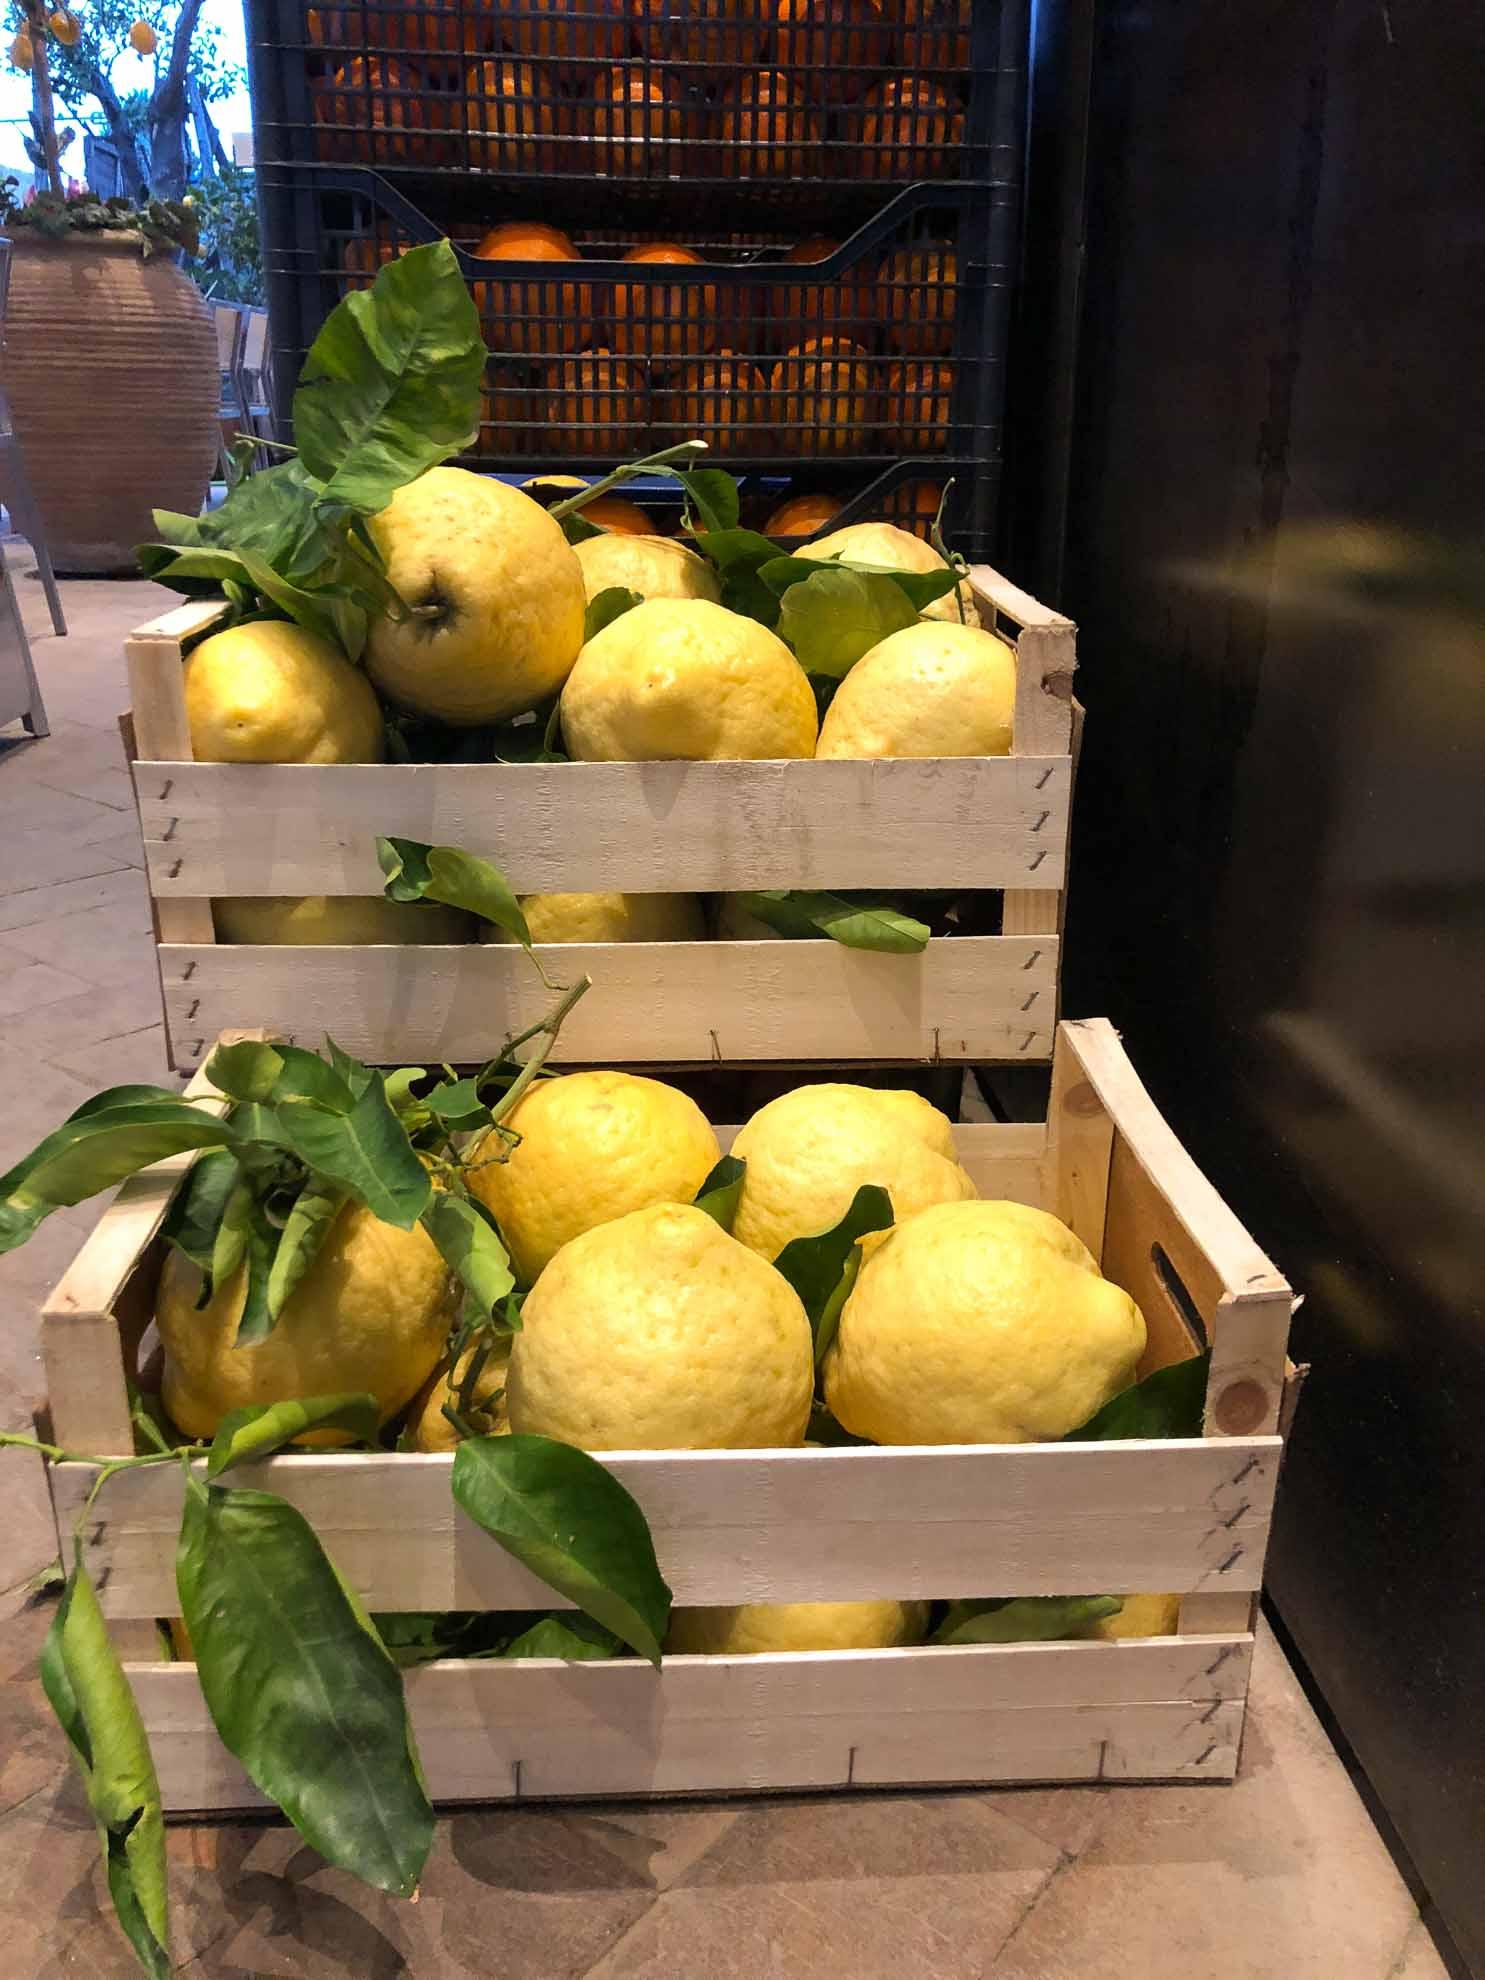 … wo beim Bummeln Amalfi-Zitronen ins Auge fallen, die eher die Größe eines kleinen Kürbis haben.